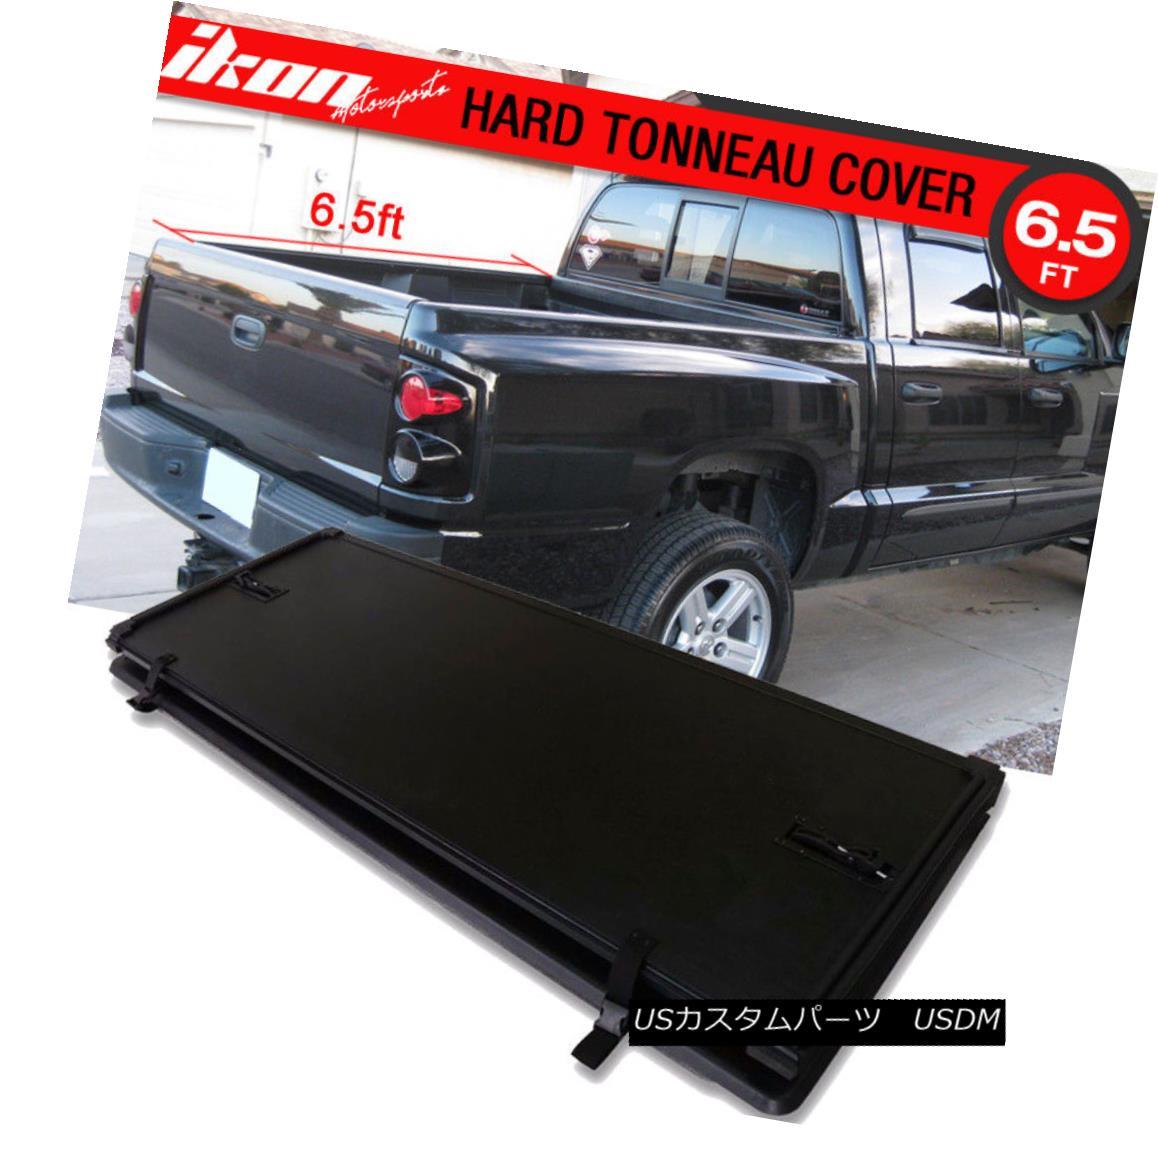 エアロパーツ For 05-11 Dakota Quad Cab Radier Tri-Fold Hard Solid Tonneau Cover 78 Inch Bed 05-11ダコタクワッドキャブラディアトリフォールハードソリッドトノーカバー78インチベッド